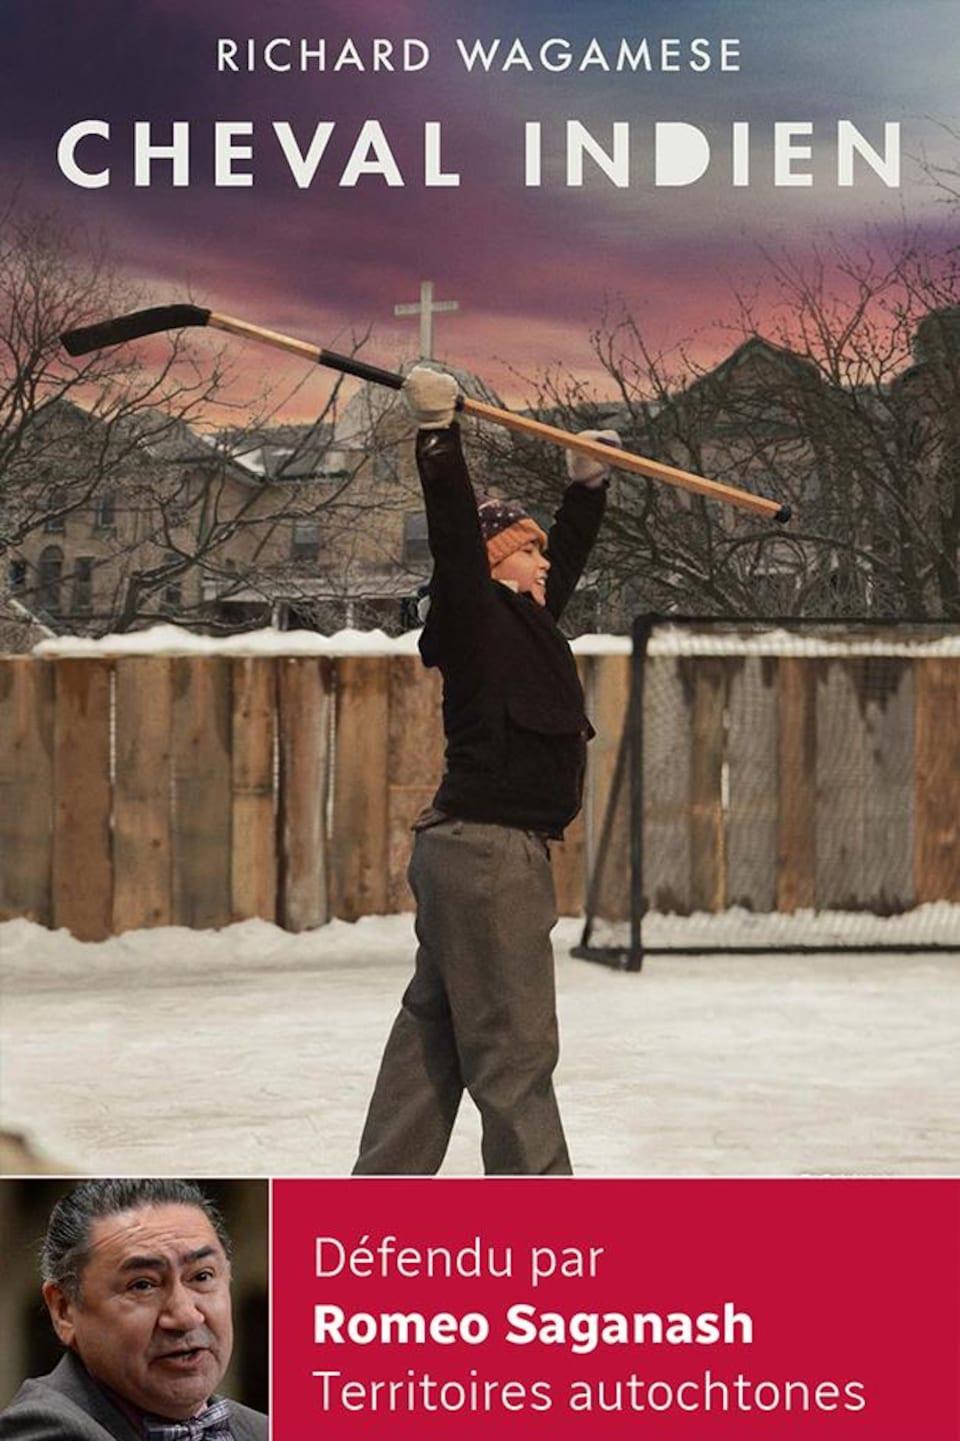 Sur la couverture du livre, on voit un jeune garçon sur une patinoire extérieure qui tient à deux mains son bâton de hockey au-dessus de sa tête